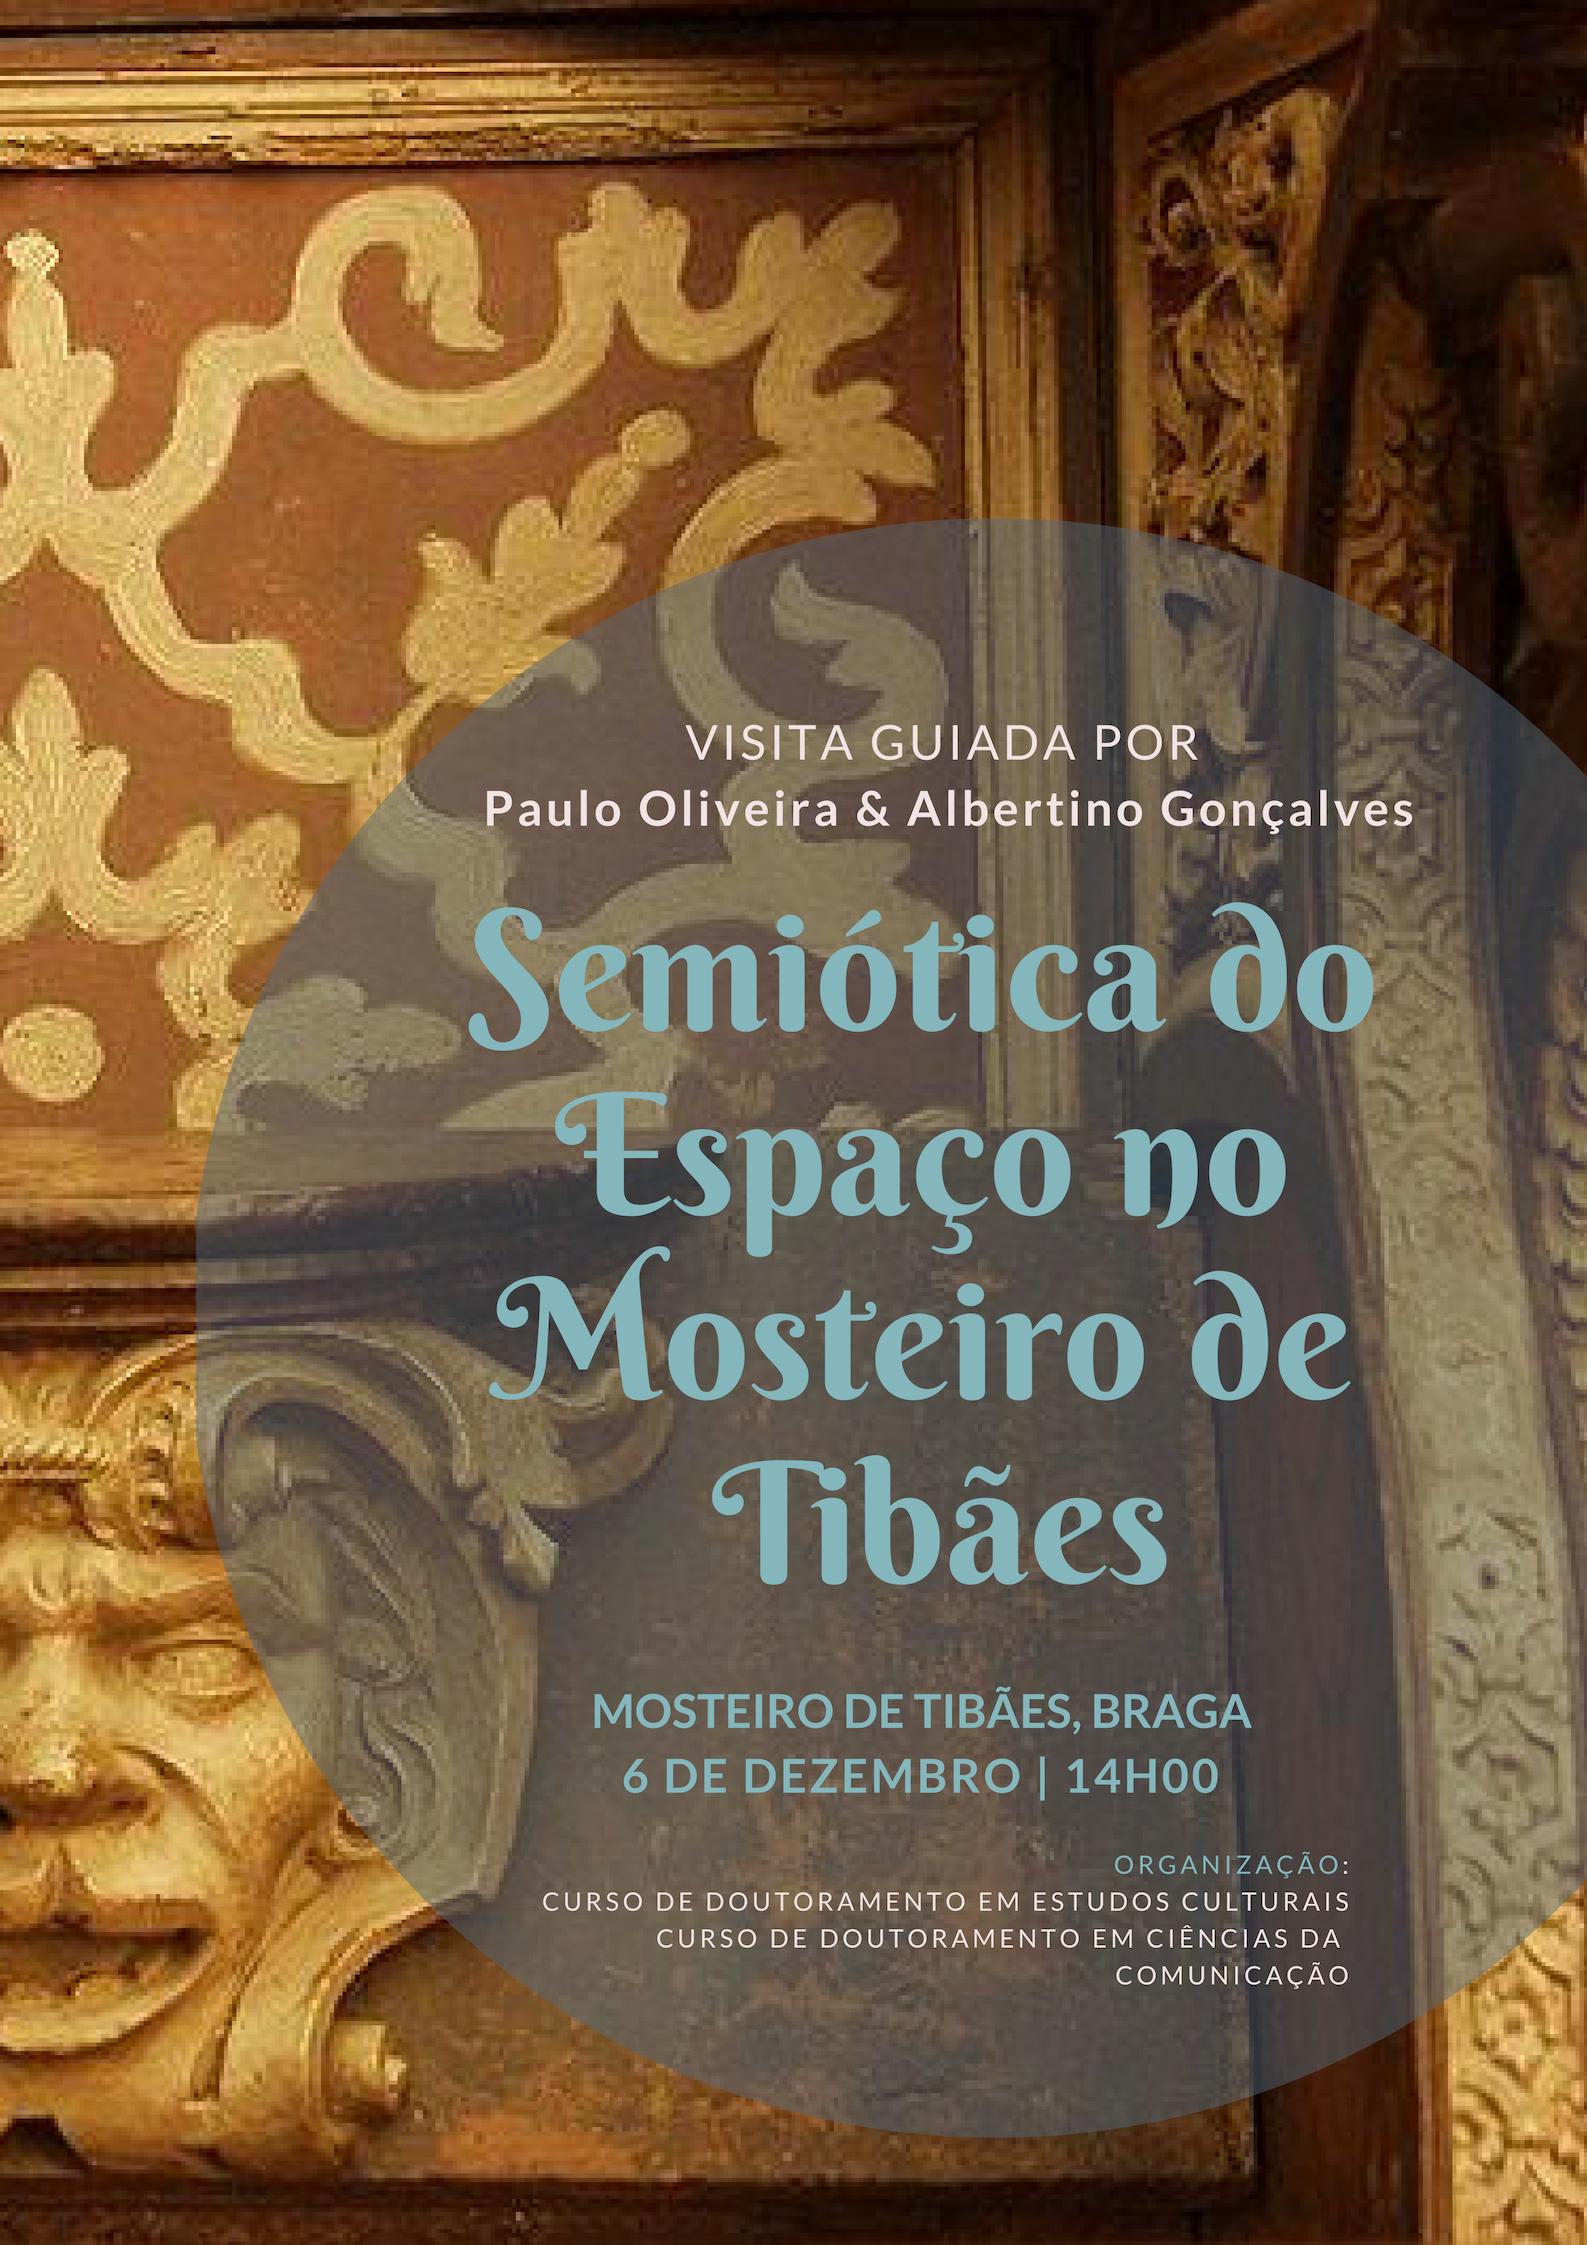 SemioticaEspacoTibaes